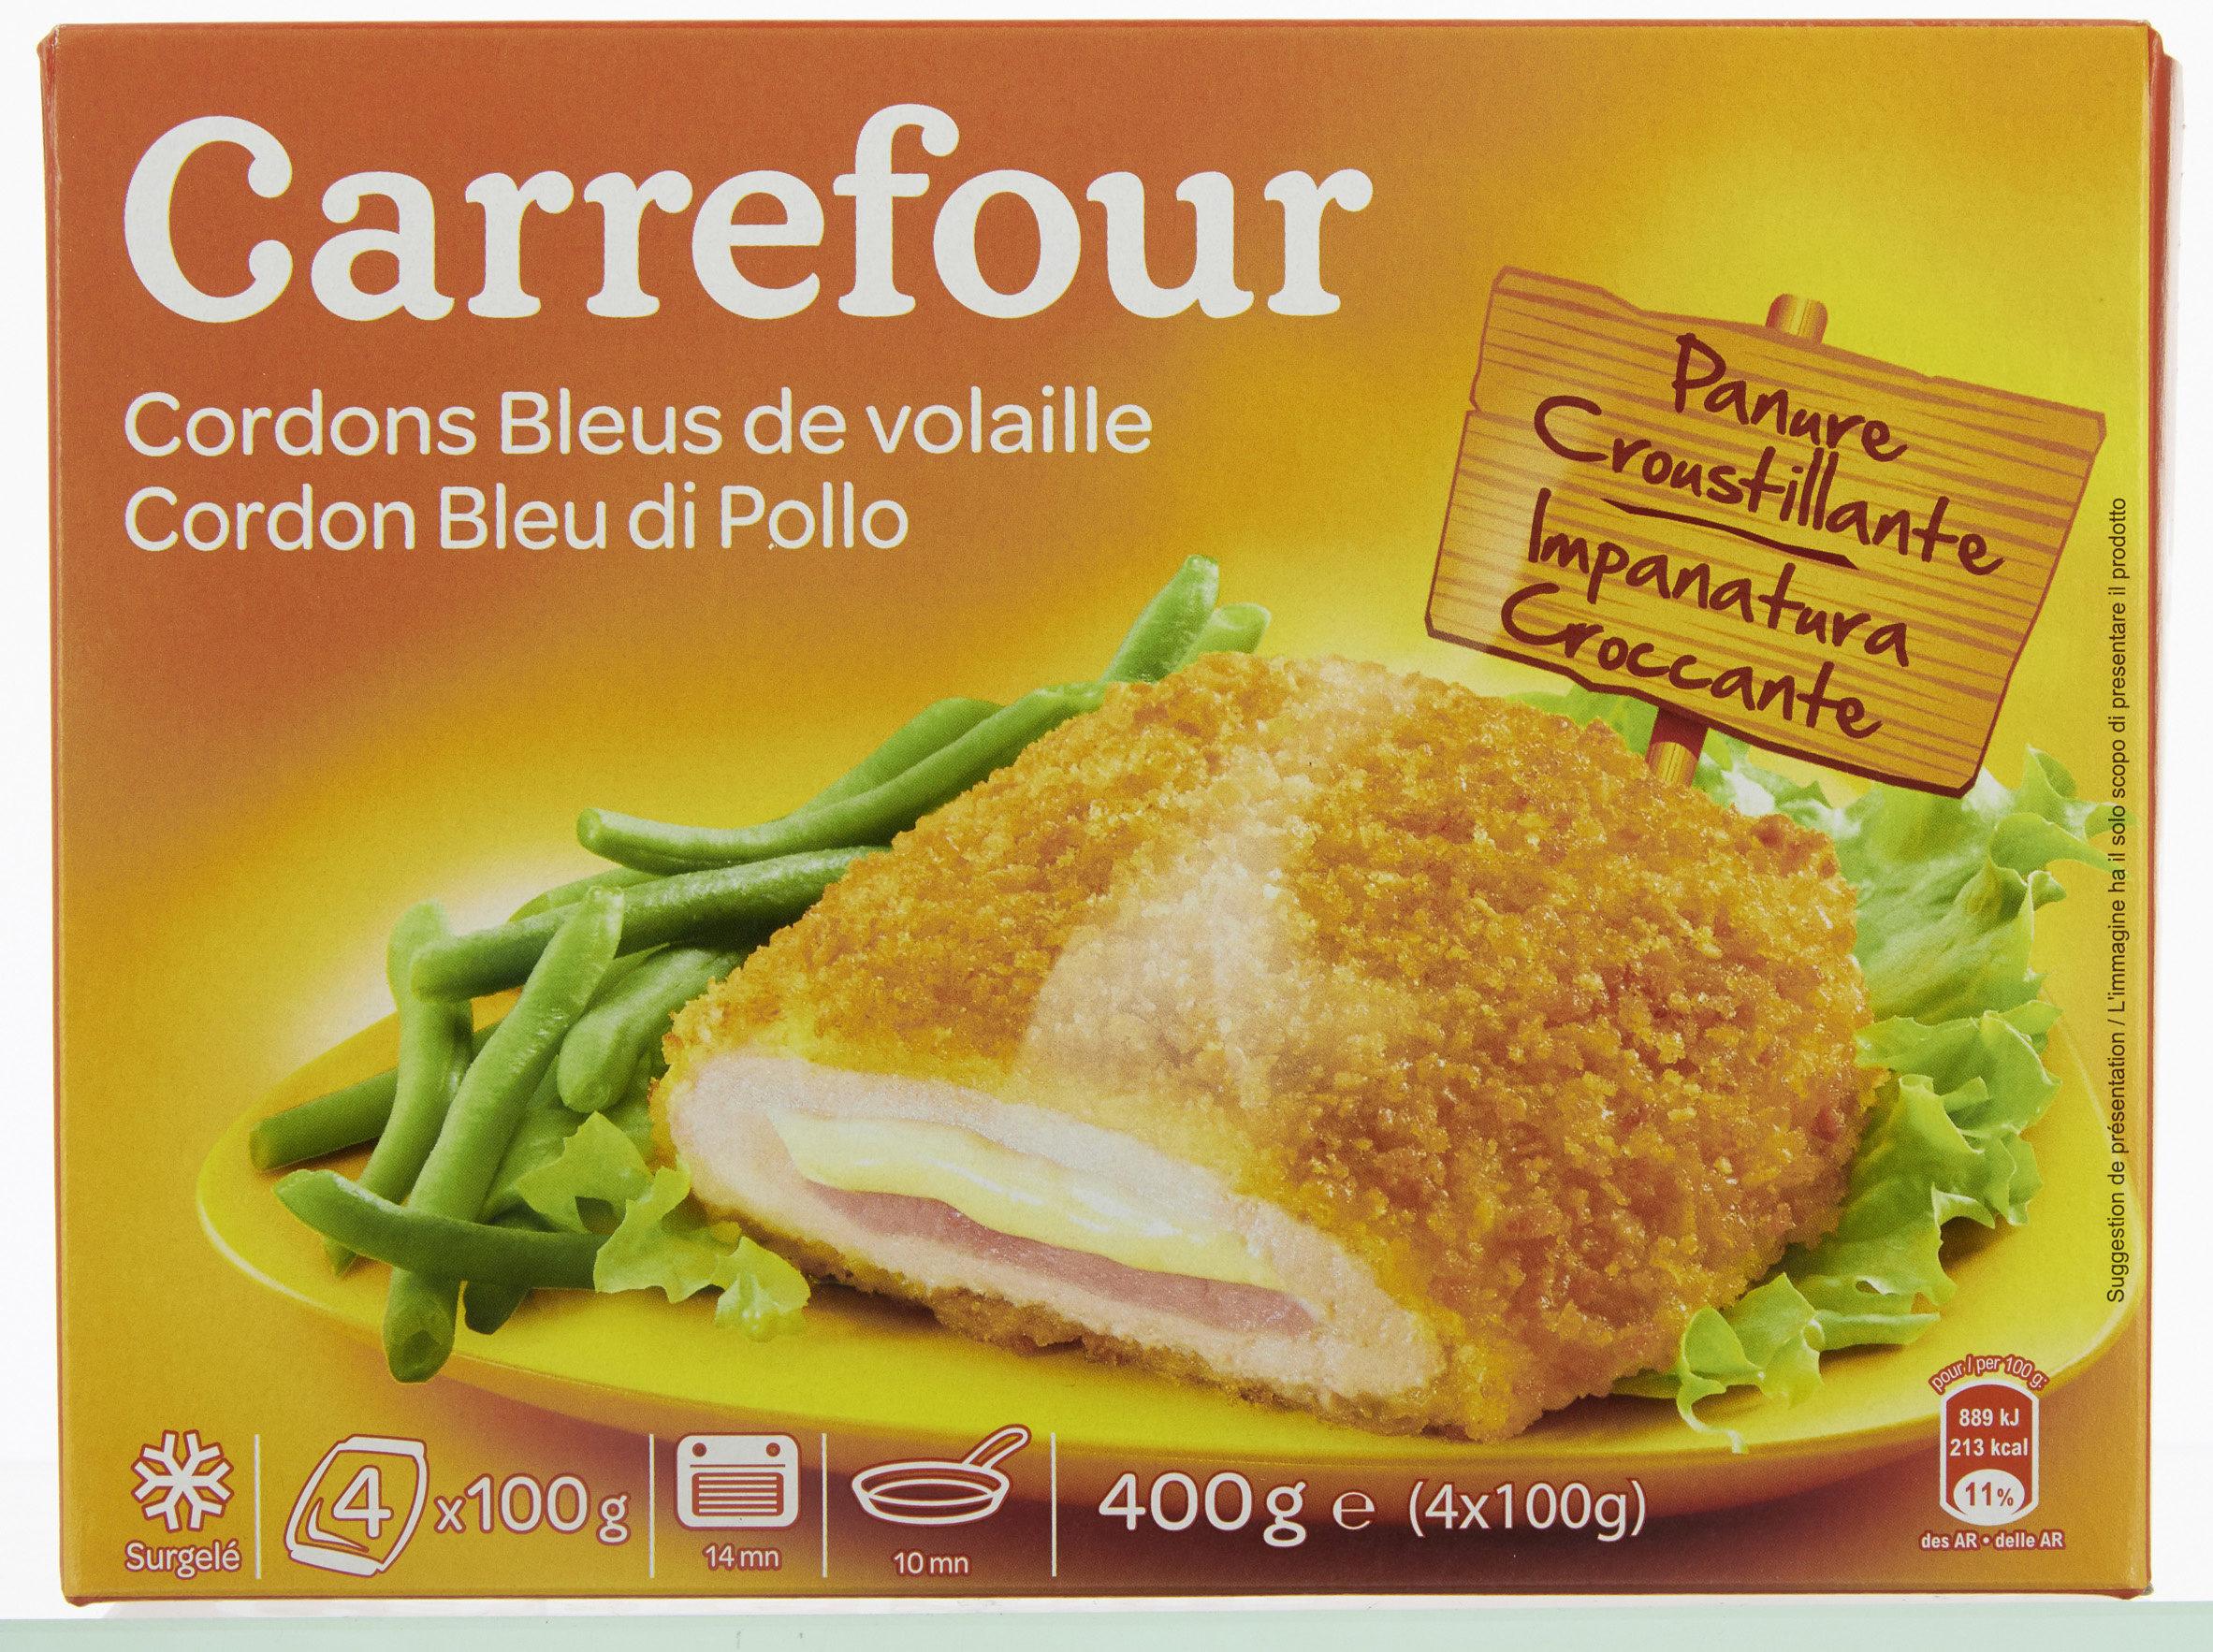 Cordon Bleu De Poulet Carrefour 400 G 4 X 100 G